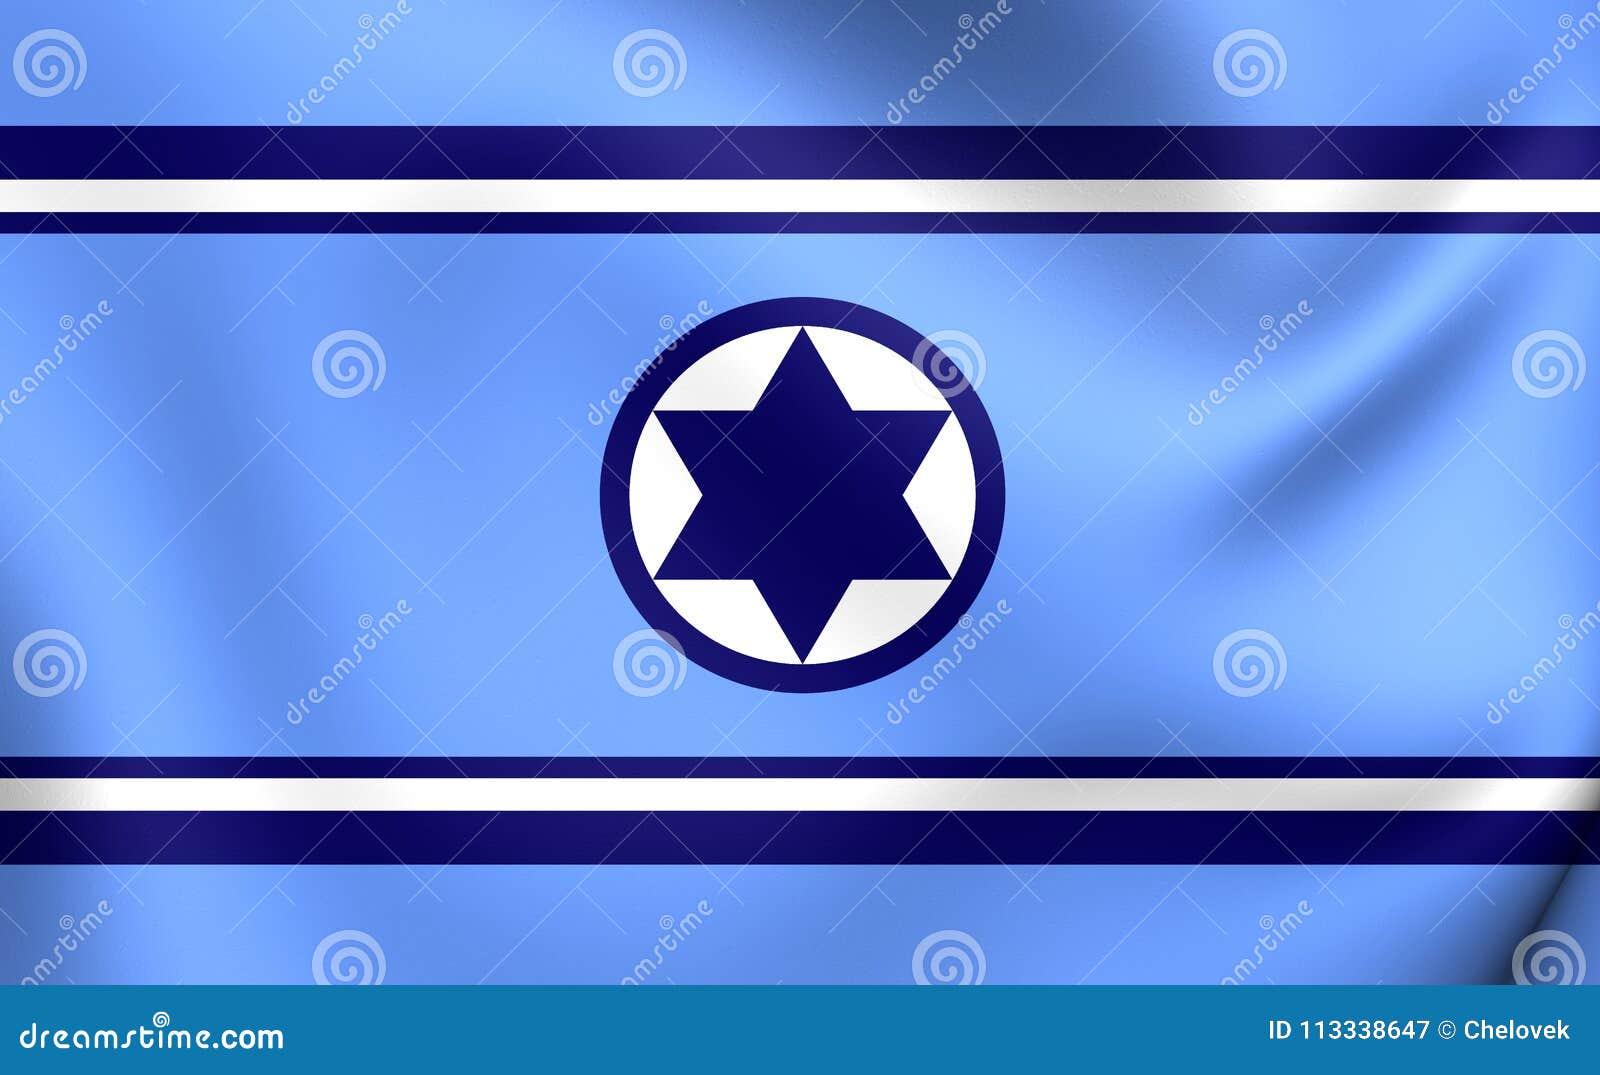 Σημαία του ισραηλινού στρατού